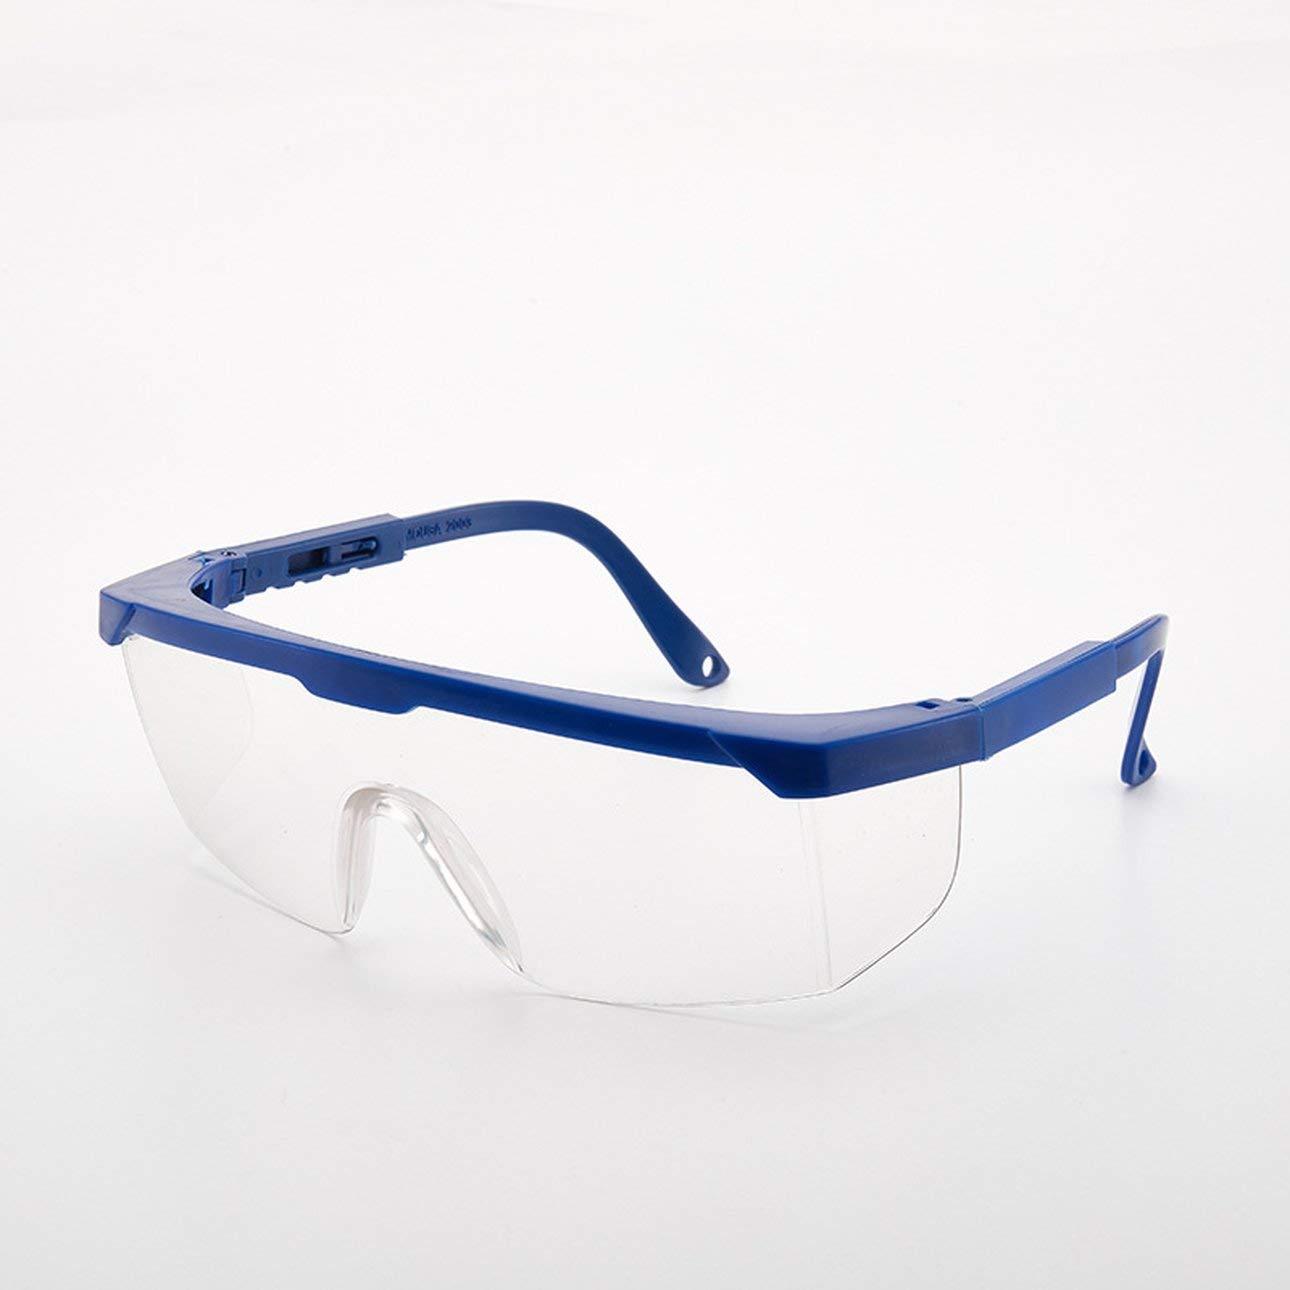 Miya Ligero Hombres Mujeres A prueba de golpes Protección laboral industrial Gafas Anti láser Infrarrojo Gafas protectoras Lentes de PC